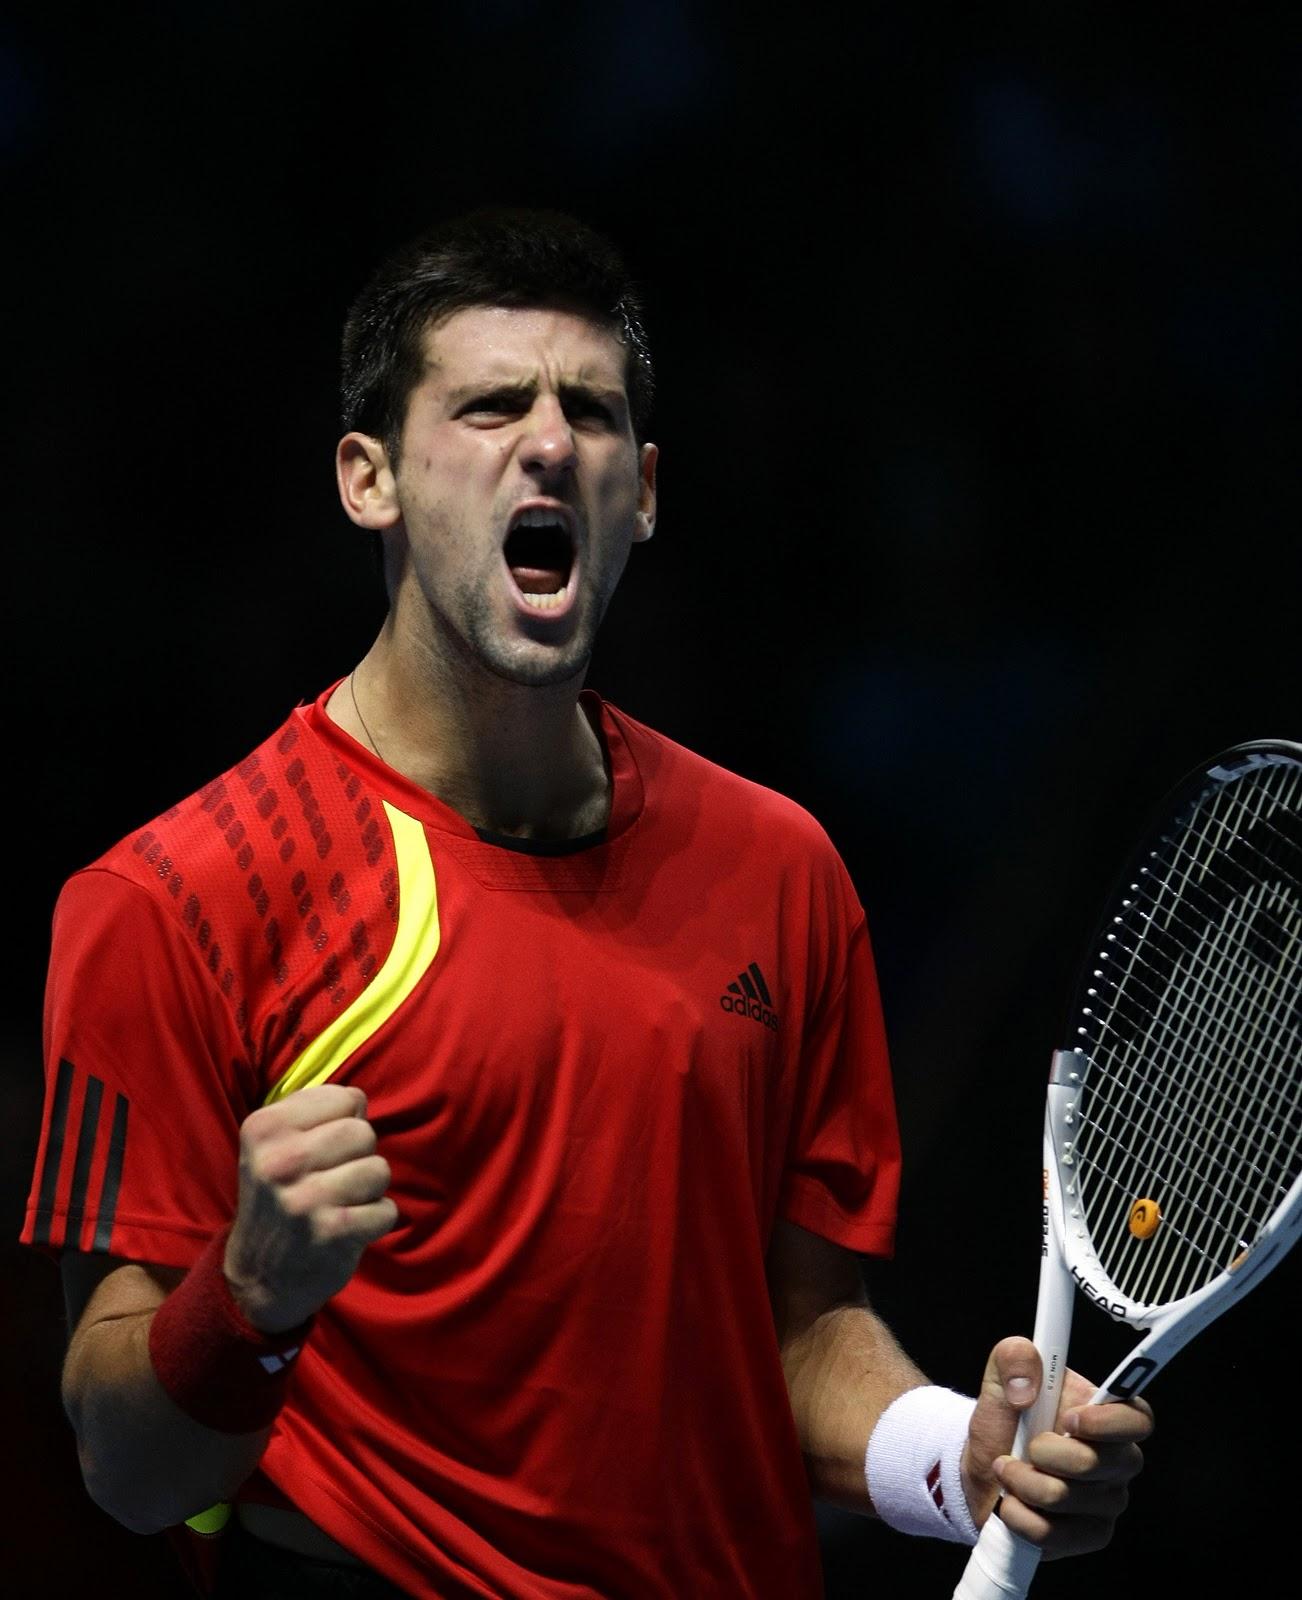 http://3.bp.blogspot.com/-087e_yraN-A/TuJwfbWd7SI/AAAAAAAACGY/App95z9SY5Y/s1600/Novak+Djokovic+-+US+Open+2011+Winner.jpg